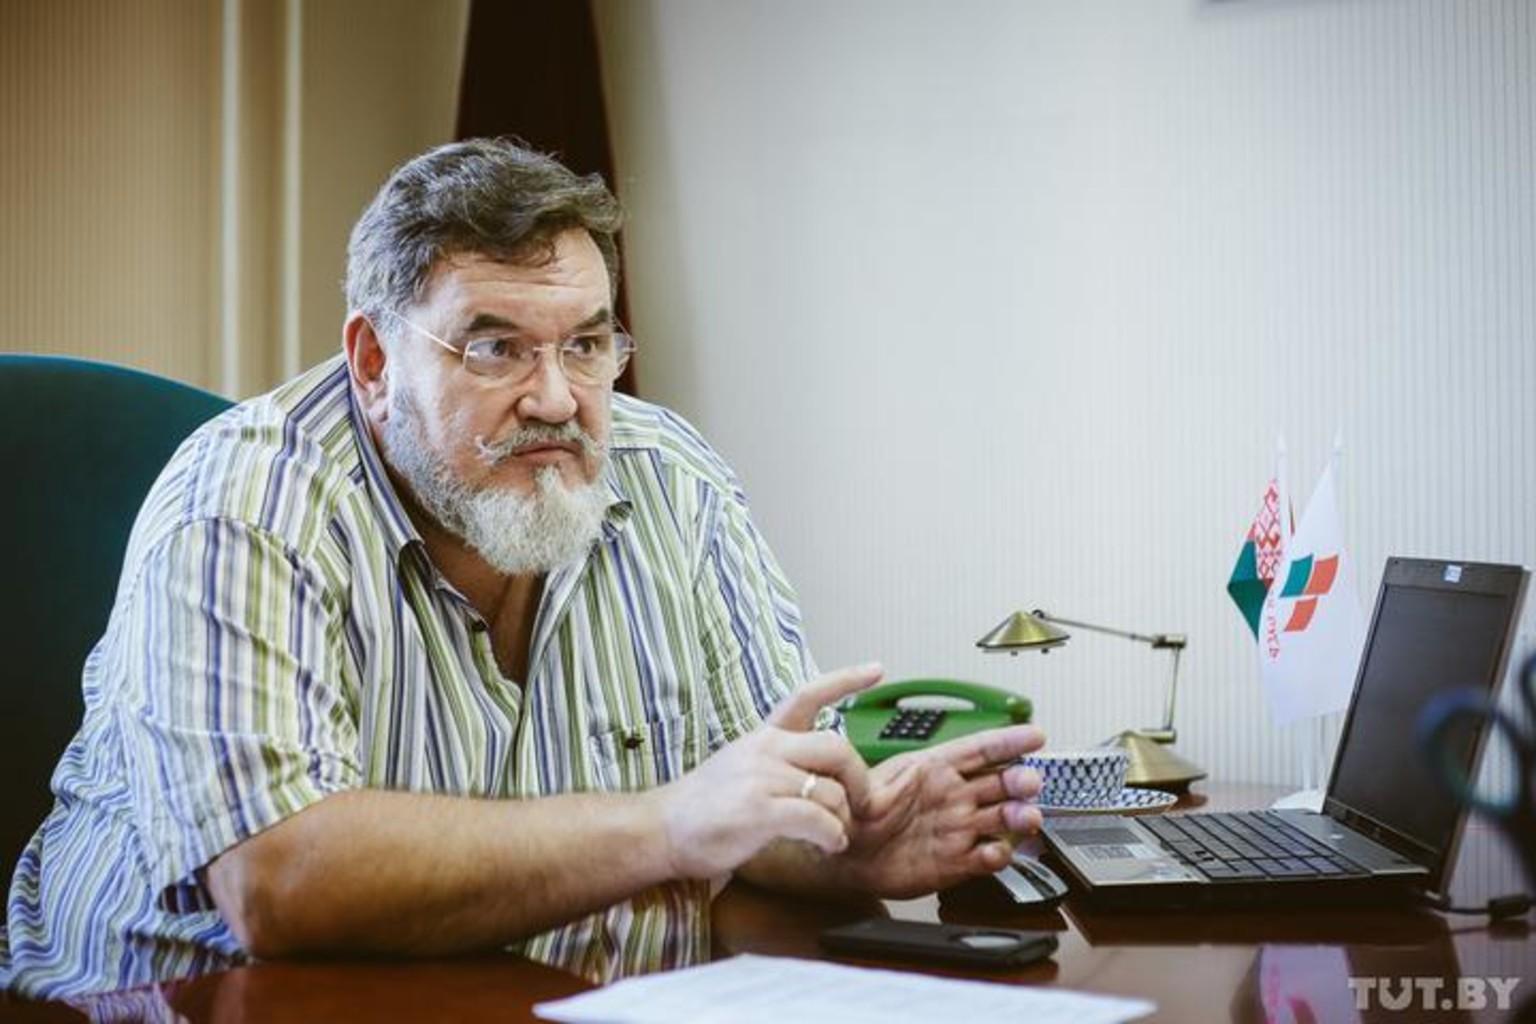 Direktor belarusfilm vas tutby phsl 02092015 img 3295